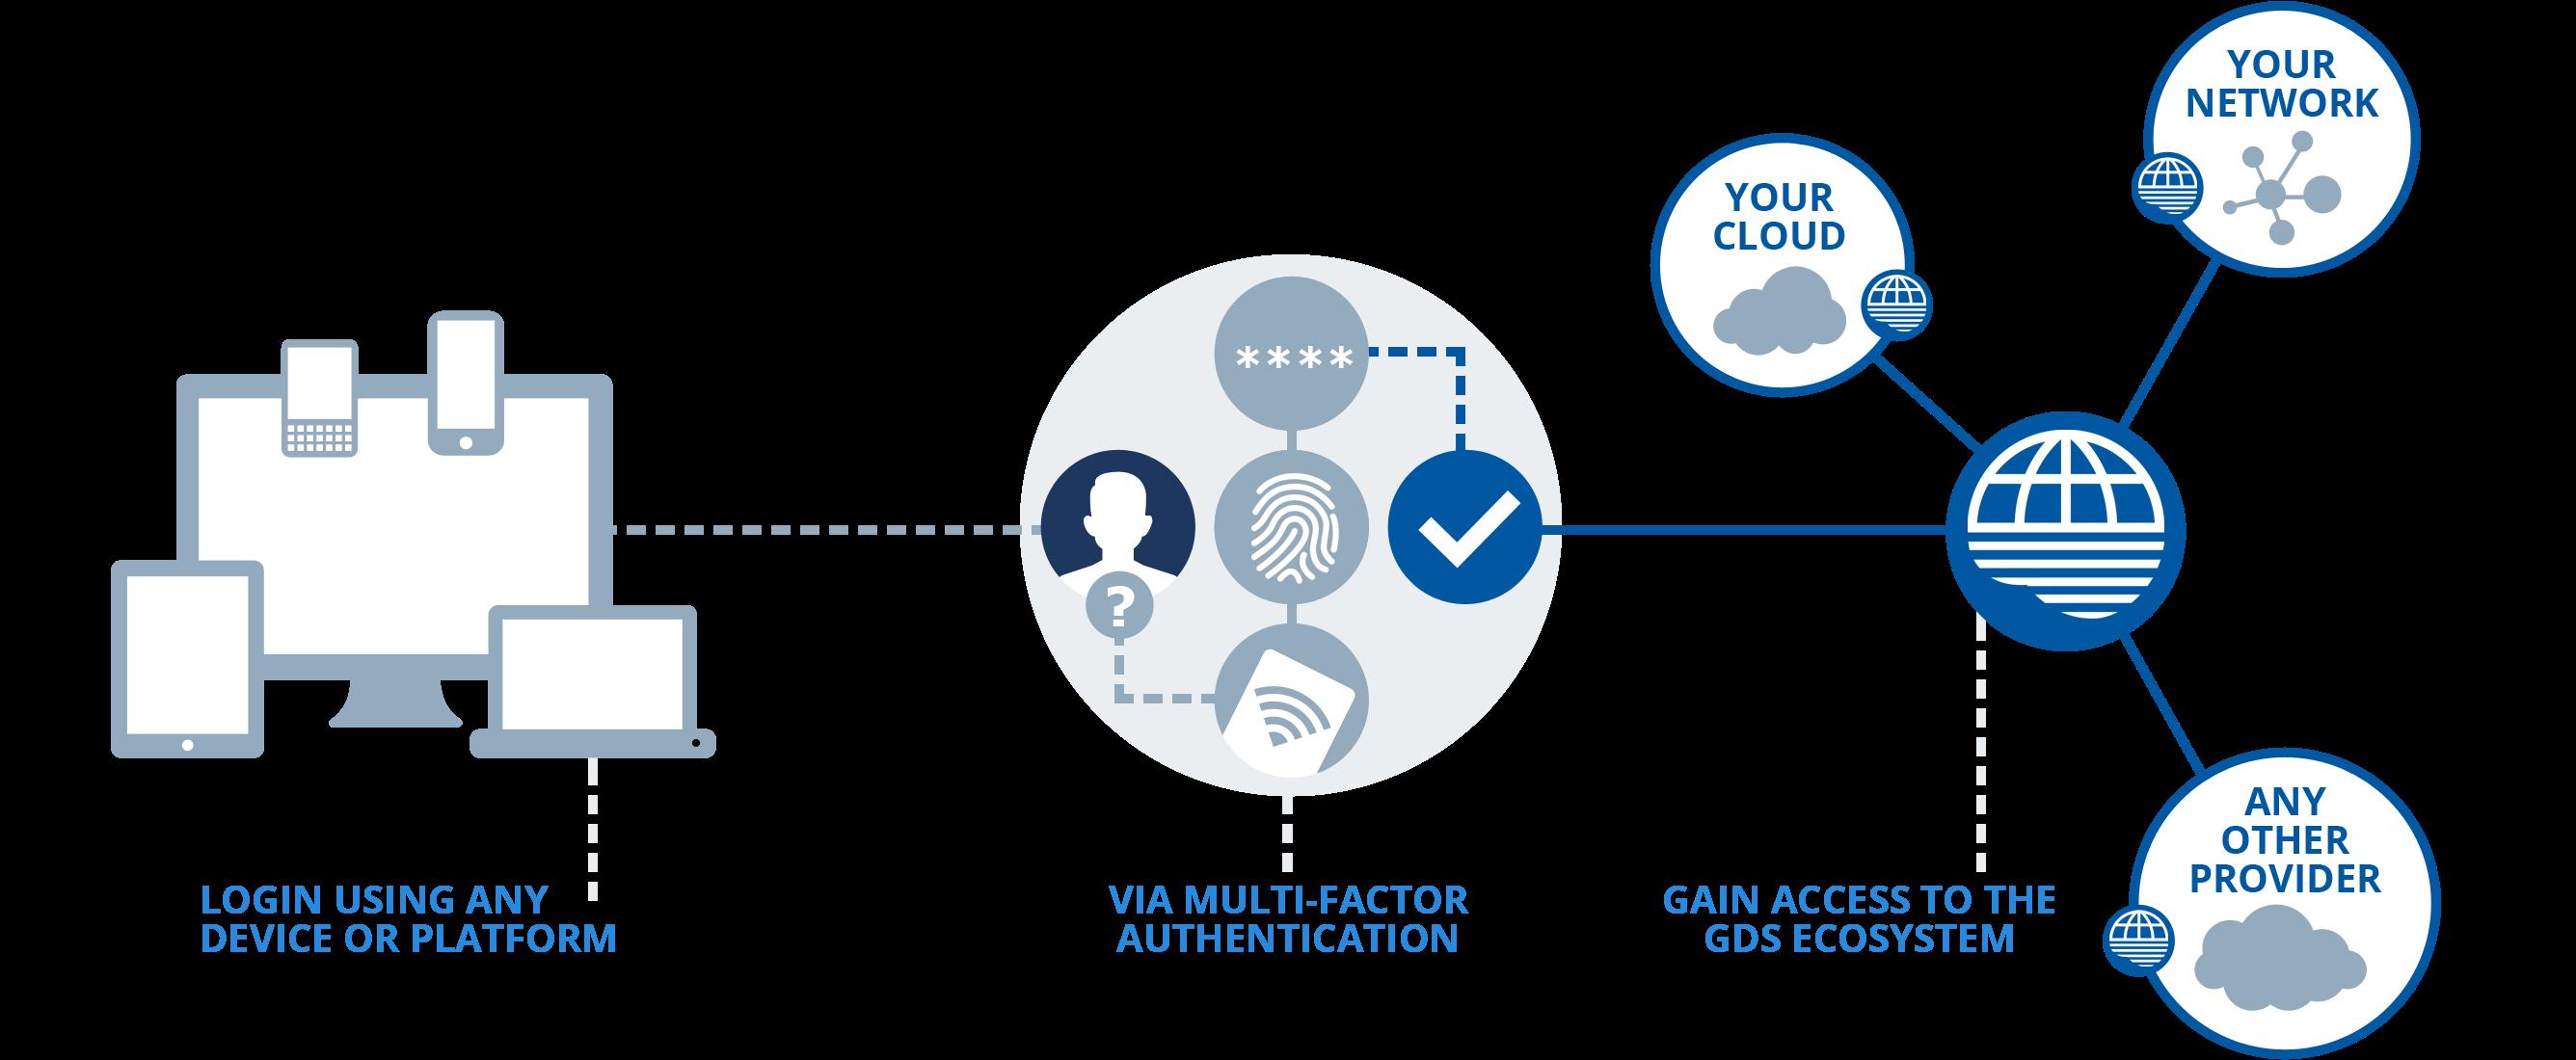 AWS IAM Example - identity and access management - edureka